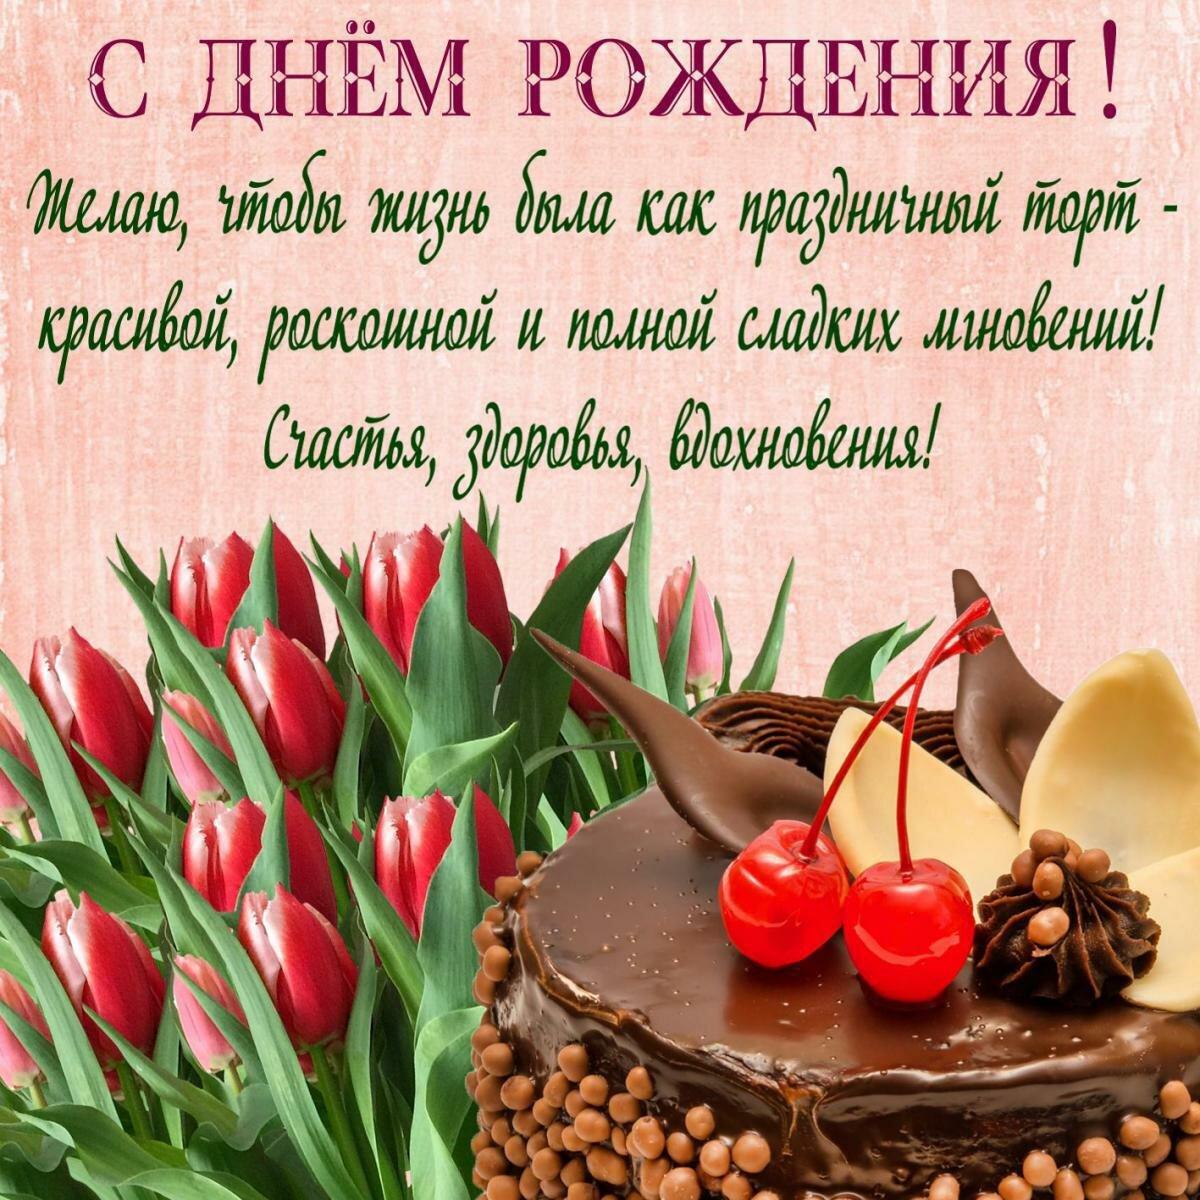 Поздравительные мерцающие, с днем рождения эльмира картинки красивые с тюльпанами